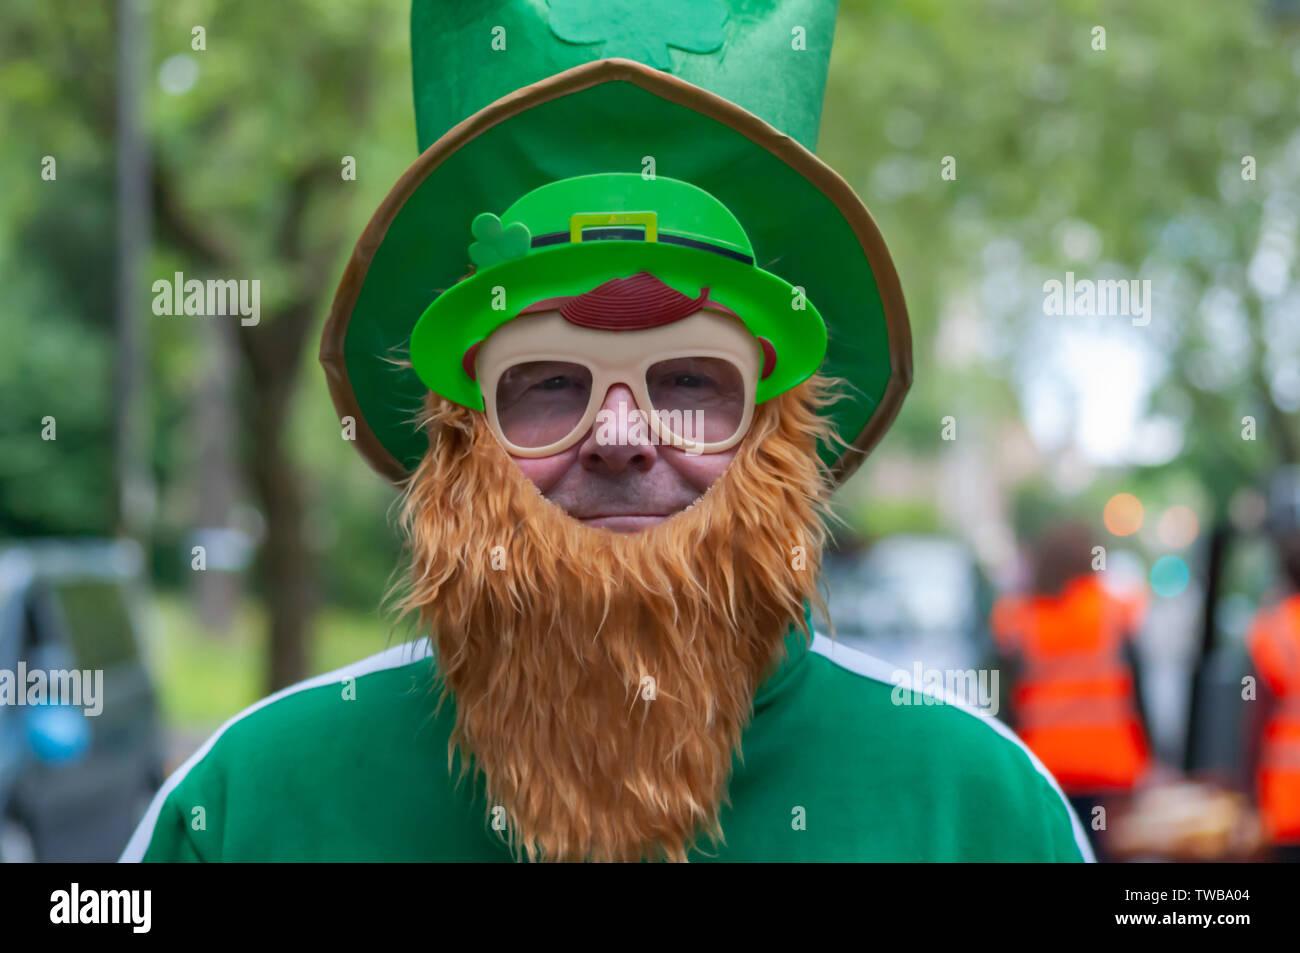 Glasgow, Ecosse, Royaume-Uni. 19 Juin, 2019. Un lutin fait une apparition à la Glasgow Taxi Sortie à Troon qui fête cette année son 74e anniversaire. C'est une sortie annuelle où plus de 100 chauffeurs de taxi de la ville s'habillent en costumes de fantaisie, décorer leurs taxis et prendre plus de 300 enfants ayant des besoins spéciaux sur une journée à la station balnéaire de Troon. Credit: Skully/Alamy Live News Banque D'Images